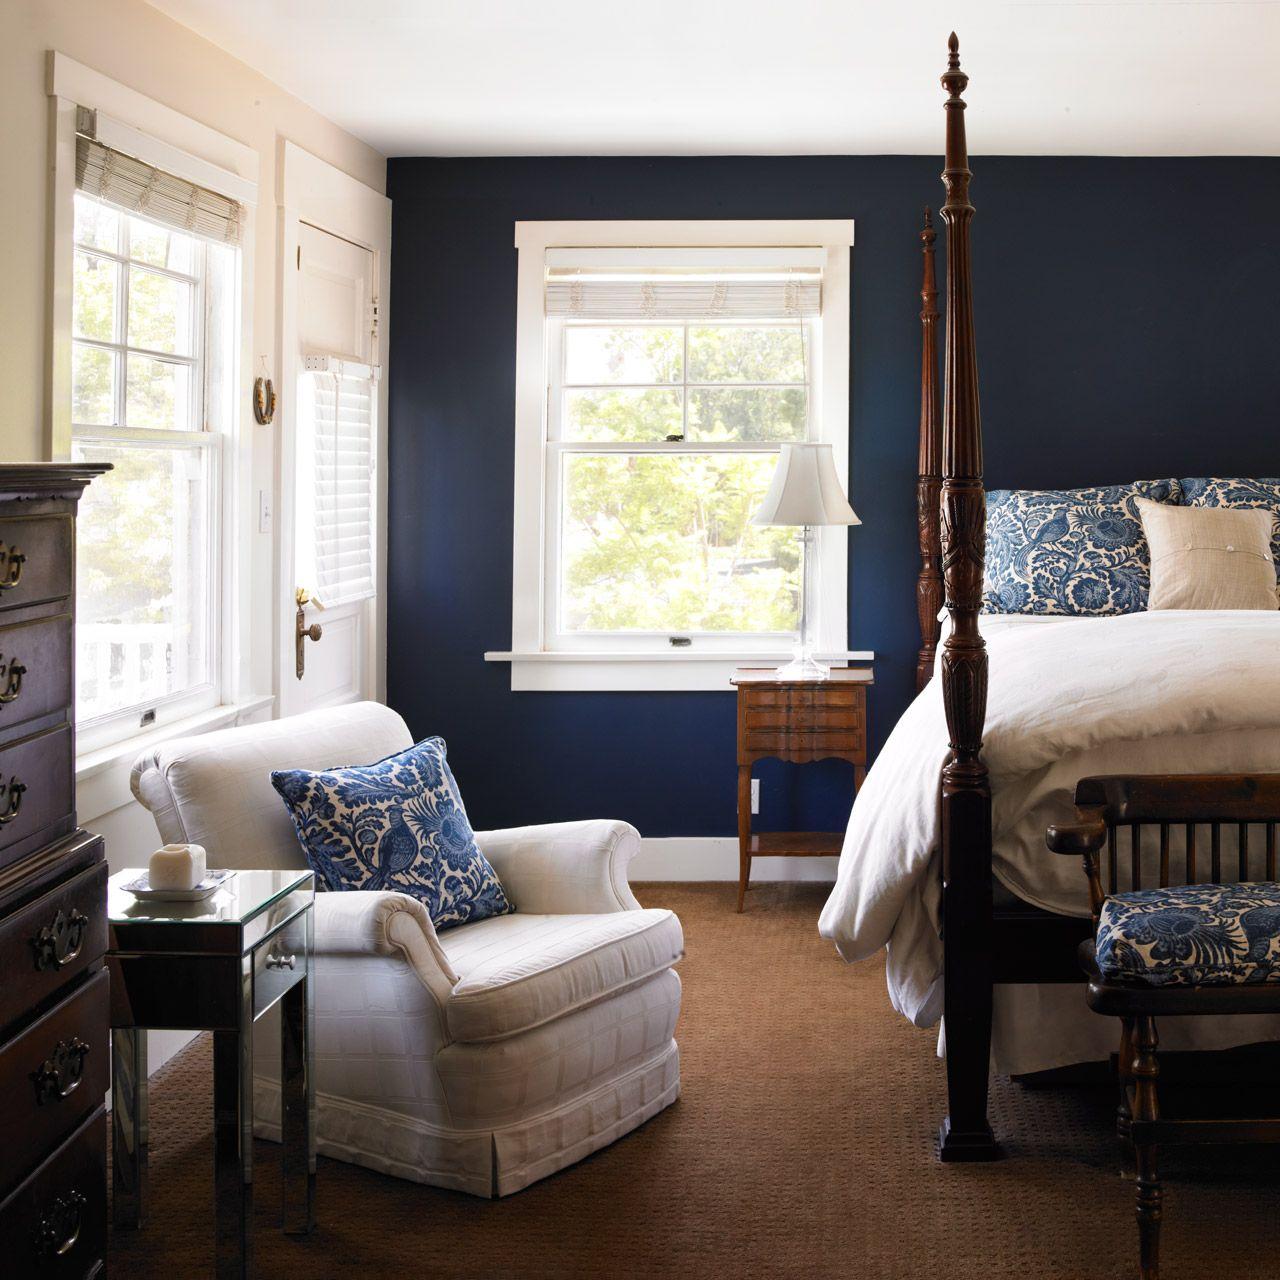 Dunn-Edwards Paints Paint Colors: Walls: Blue Earth DE5853